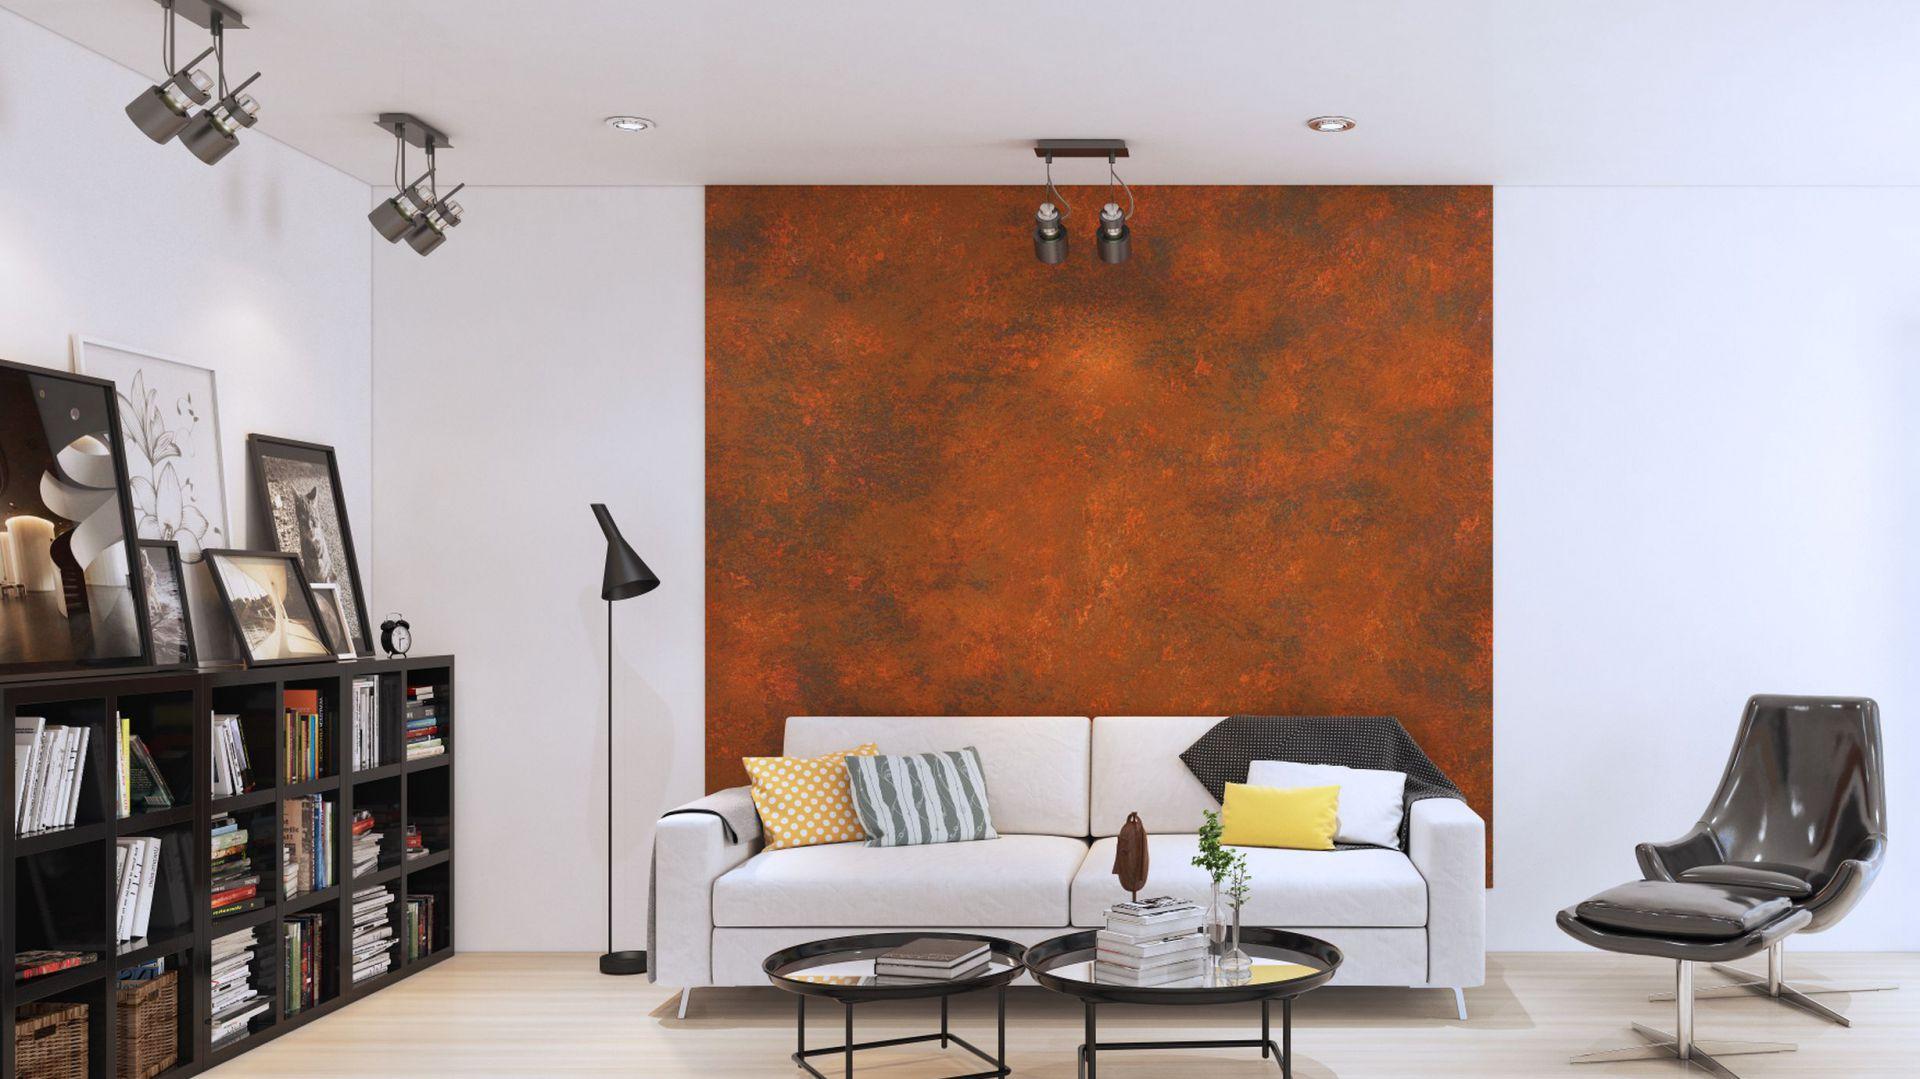 Ściana pokryta farbą o efekcie rdzy. Fot. Francesco Guardi Collezione